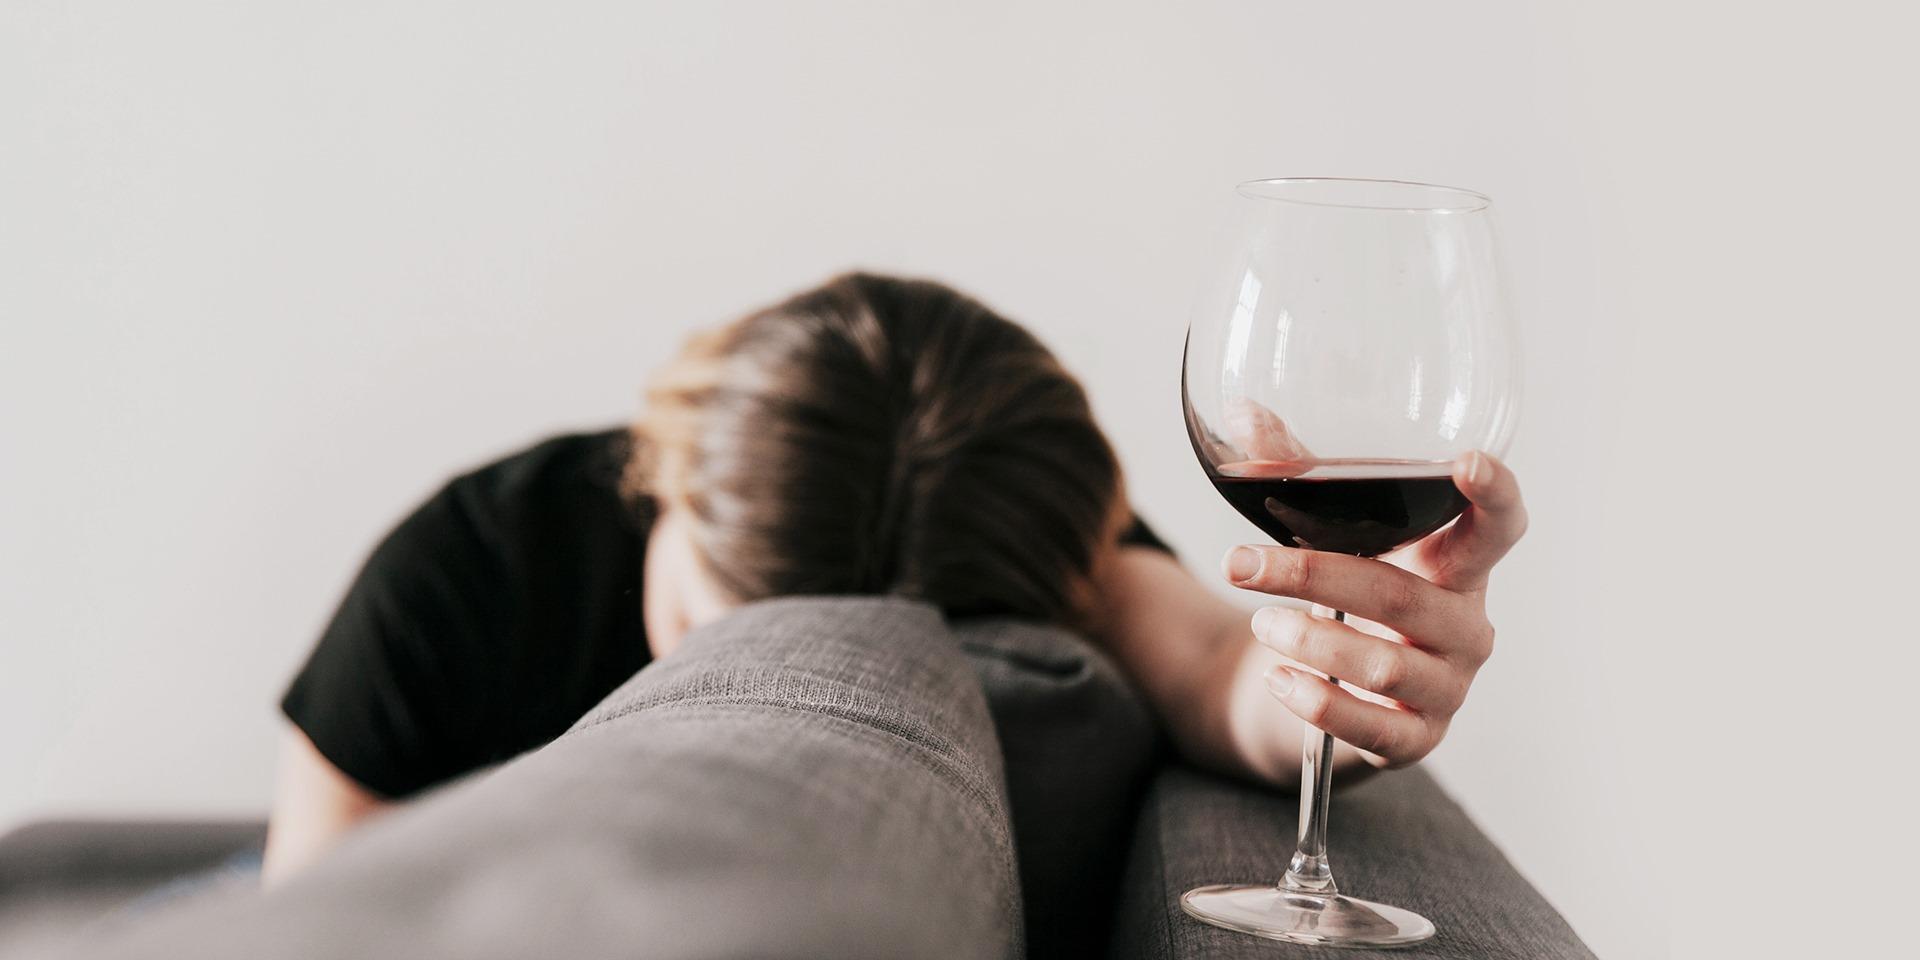 과음을 권장하는 음주문화가<BR />알코올 의존증을 부른다